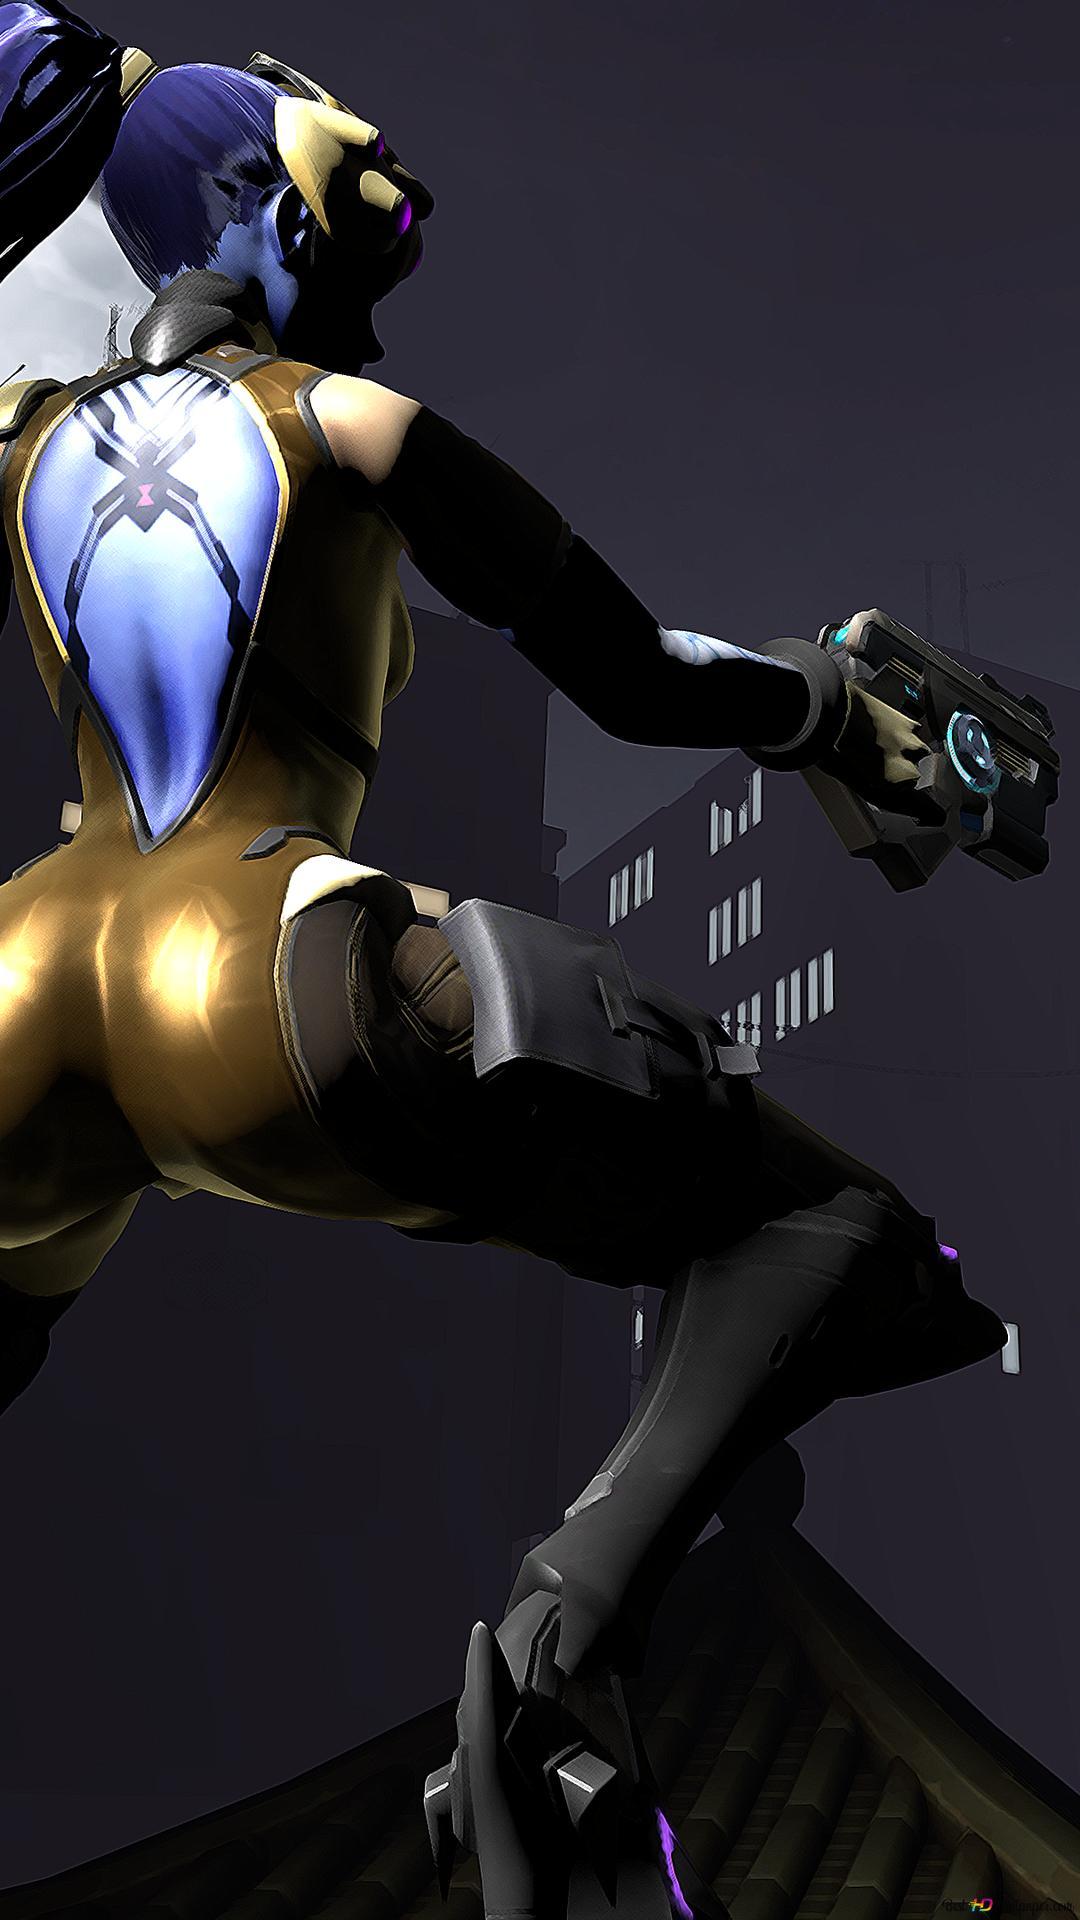 Widowmaker Overwatch Hd Wallpaper Download